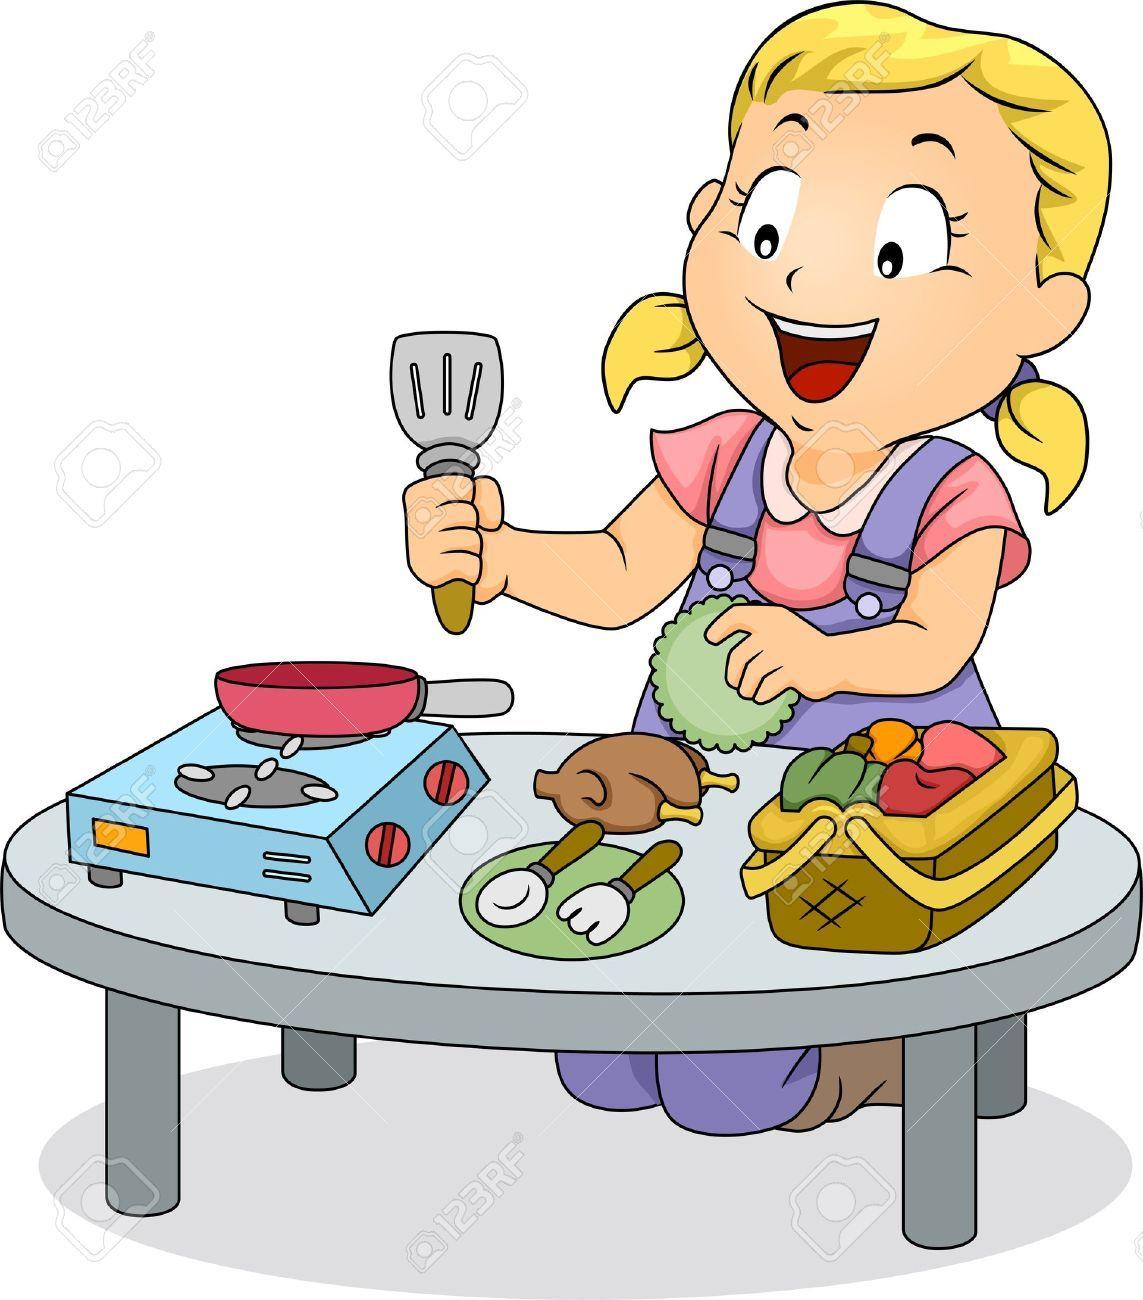 Dibujos de ni os cocineros buscar con google cocinar for Cocinar imagenes animadas